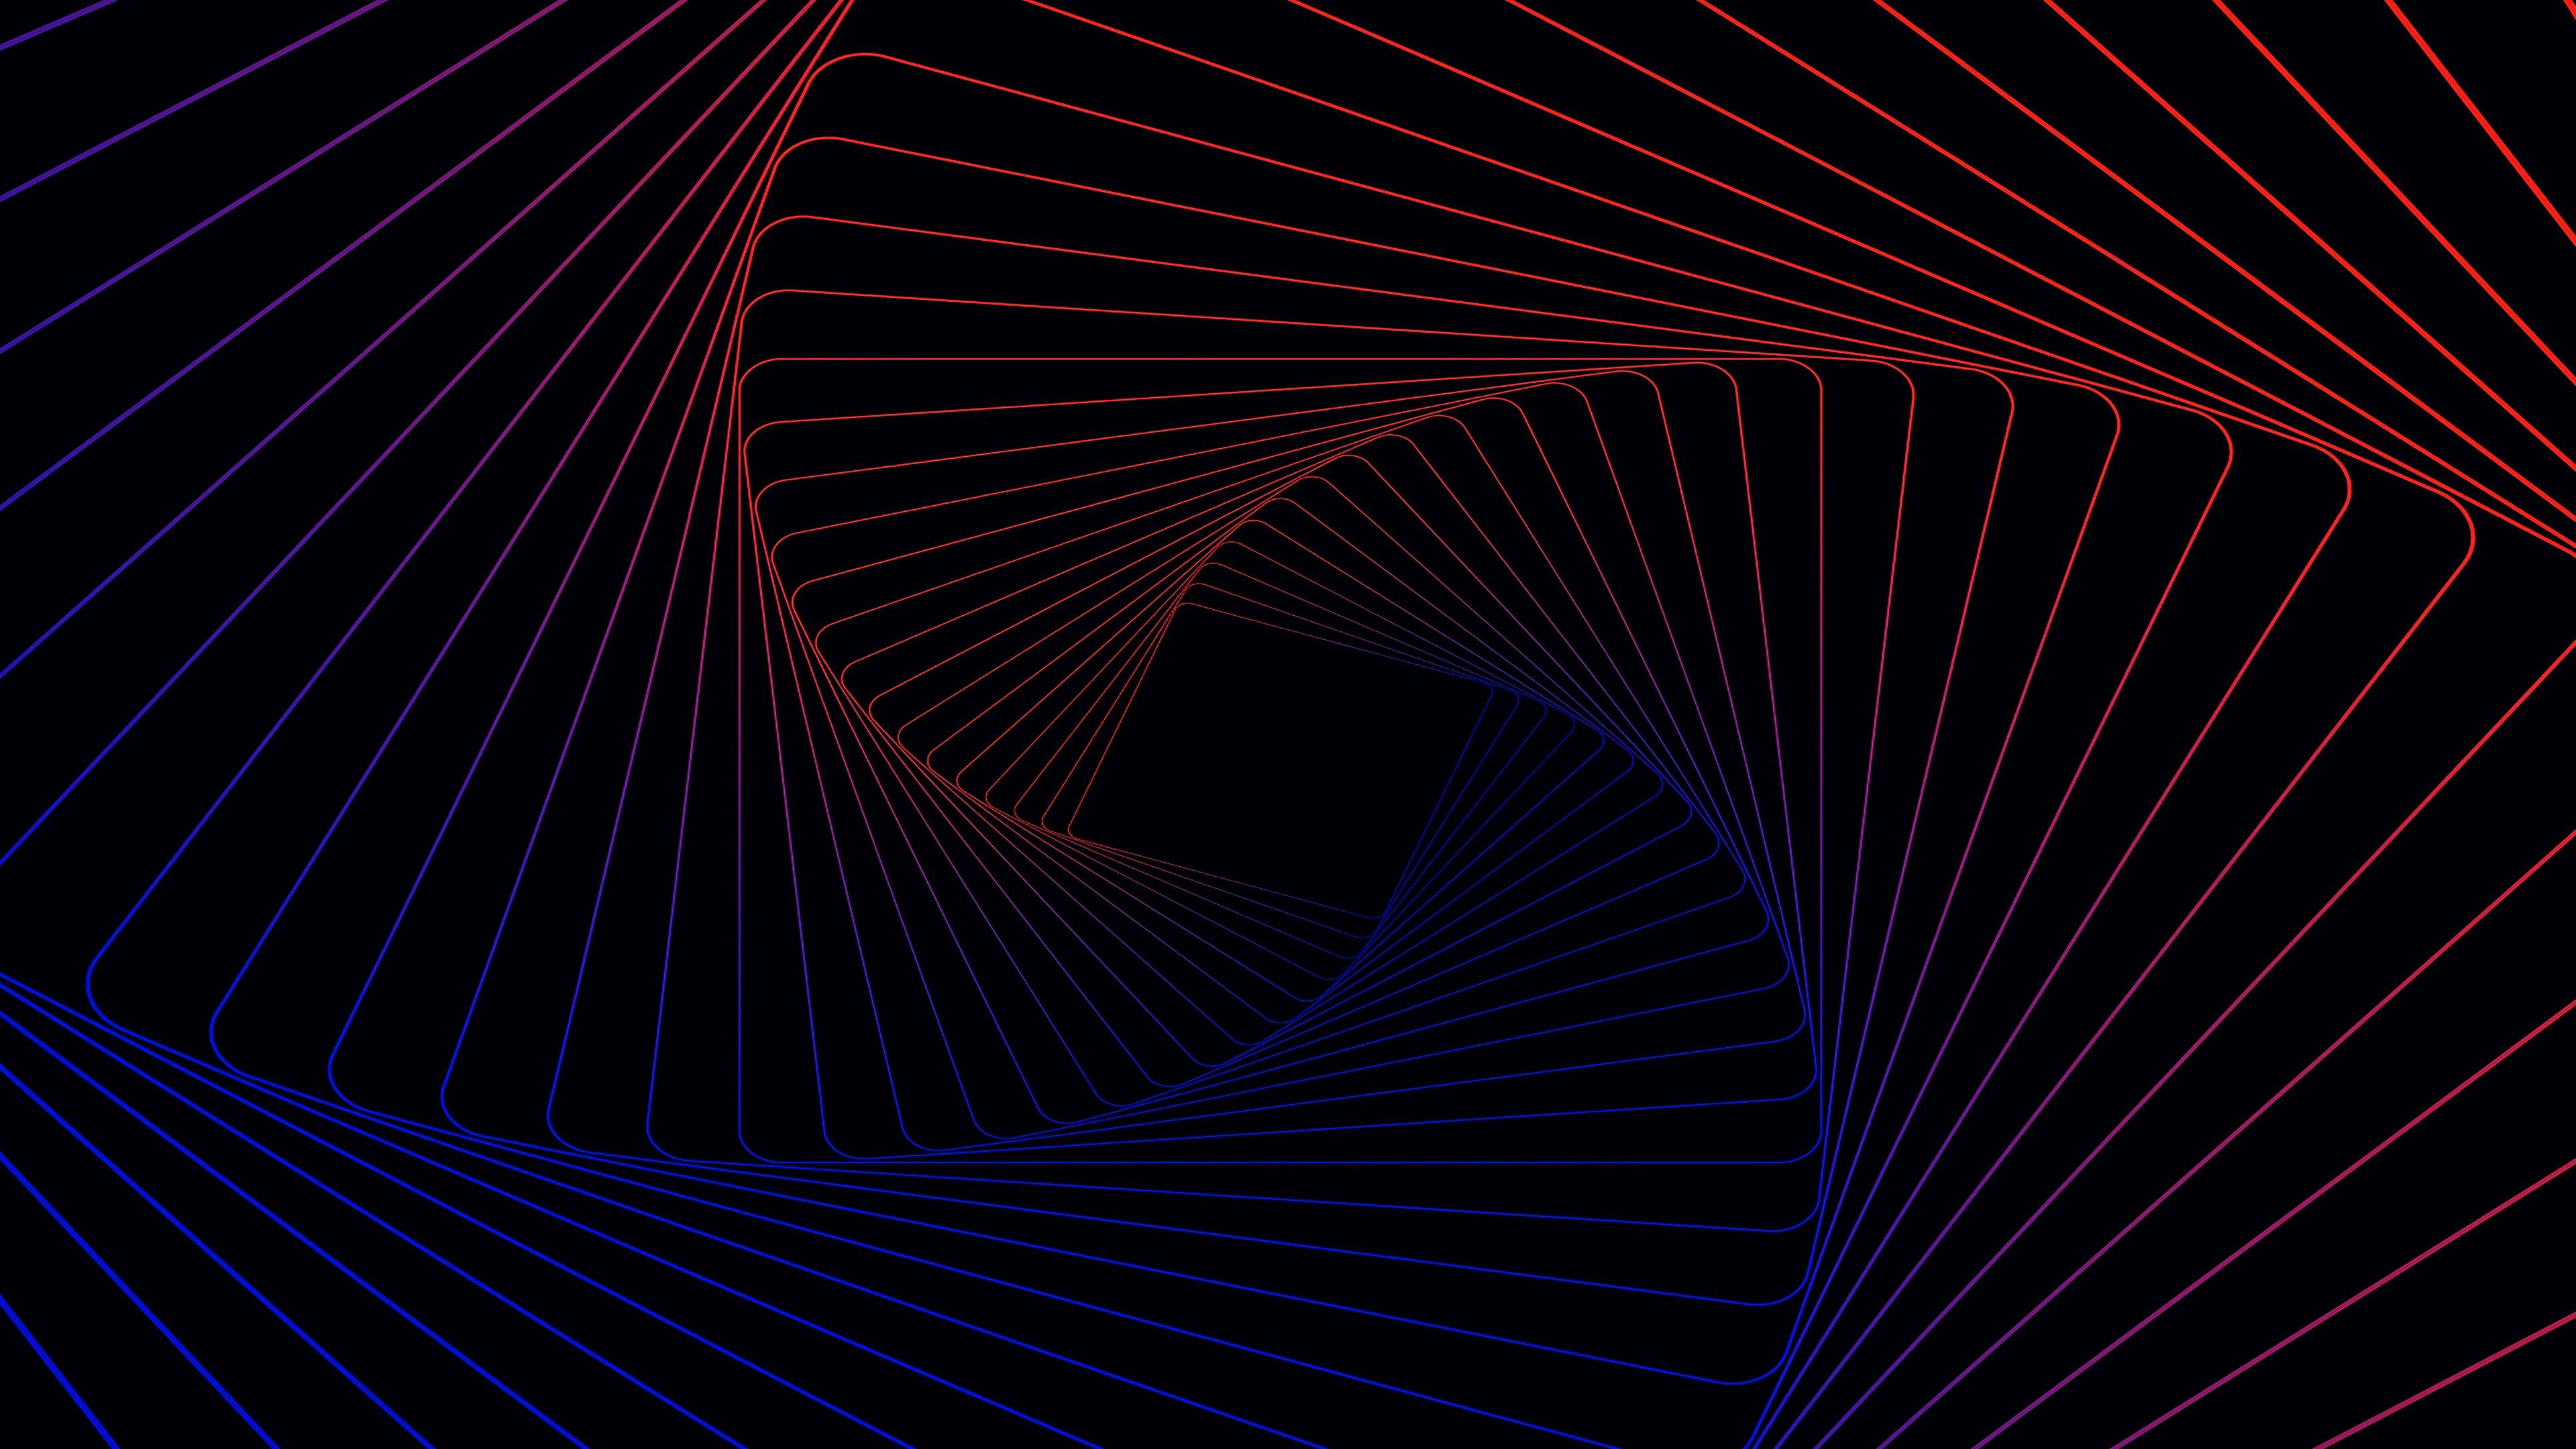 Wallpaper 3D Spiral pattern